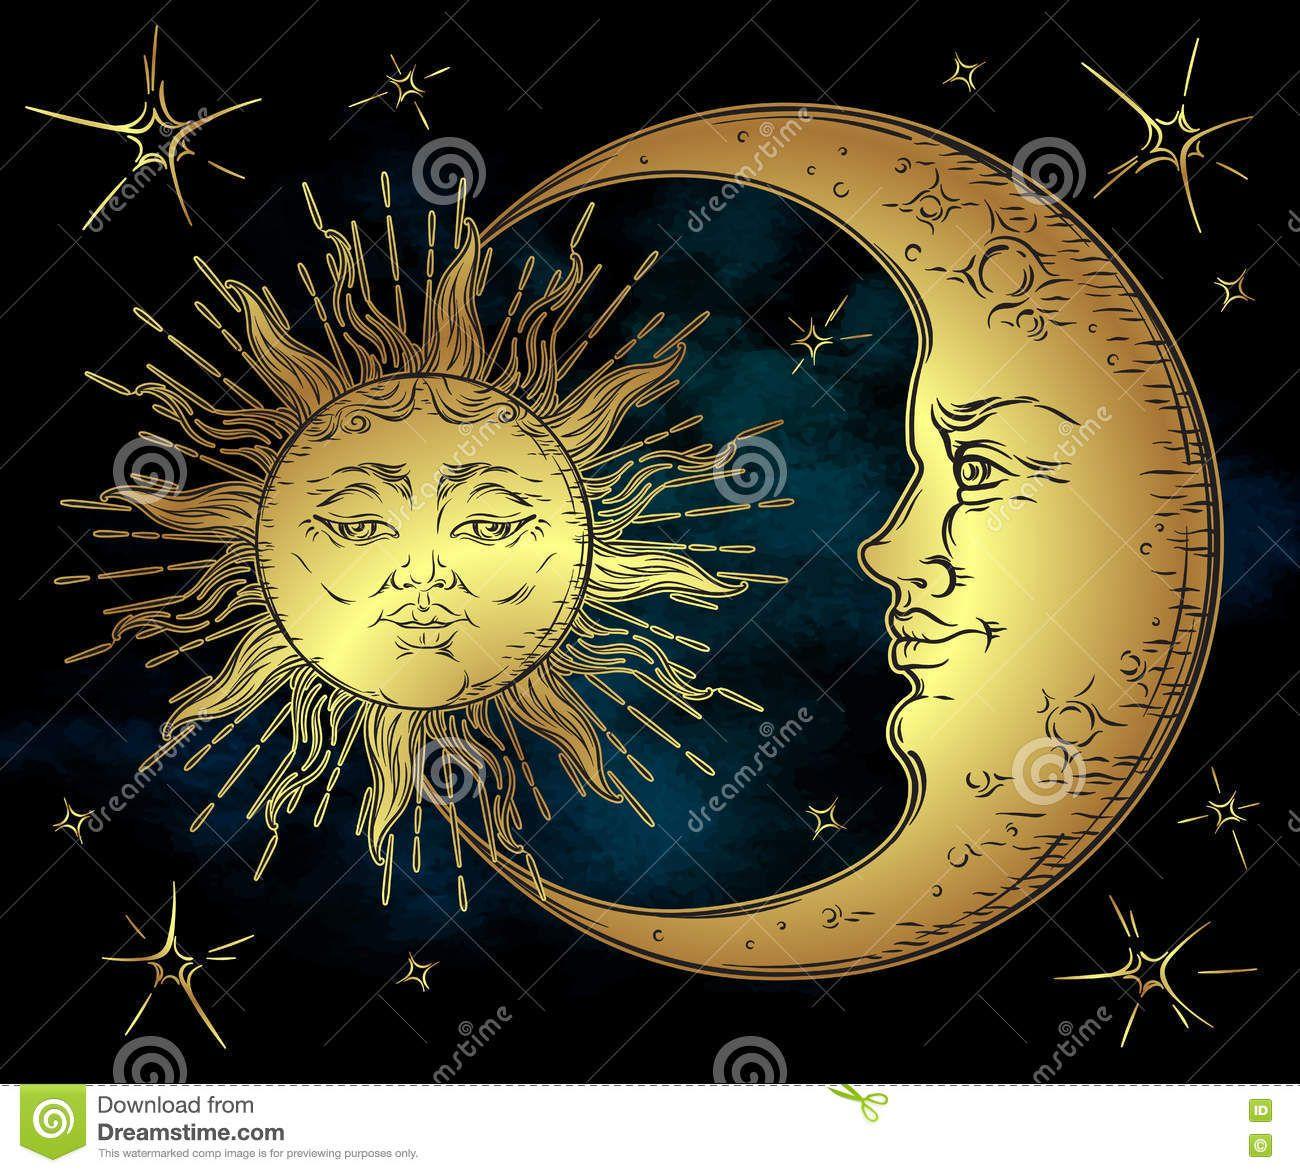 Pin von TheBestNest auf tattoo | Pinterest | Mond, Mond bilder und Sonne